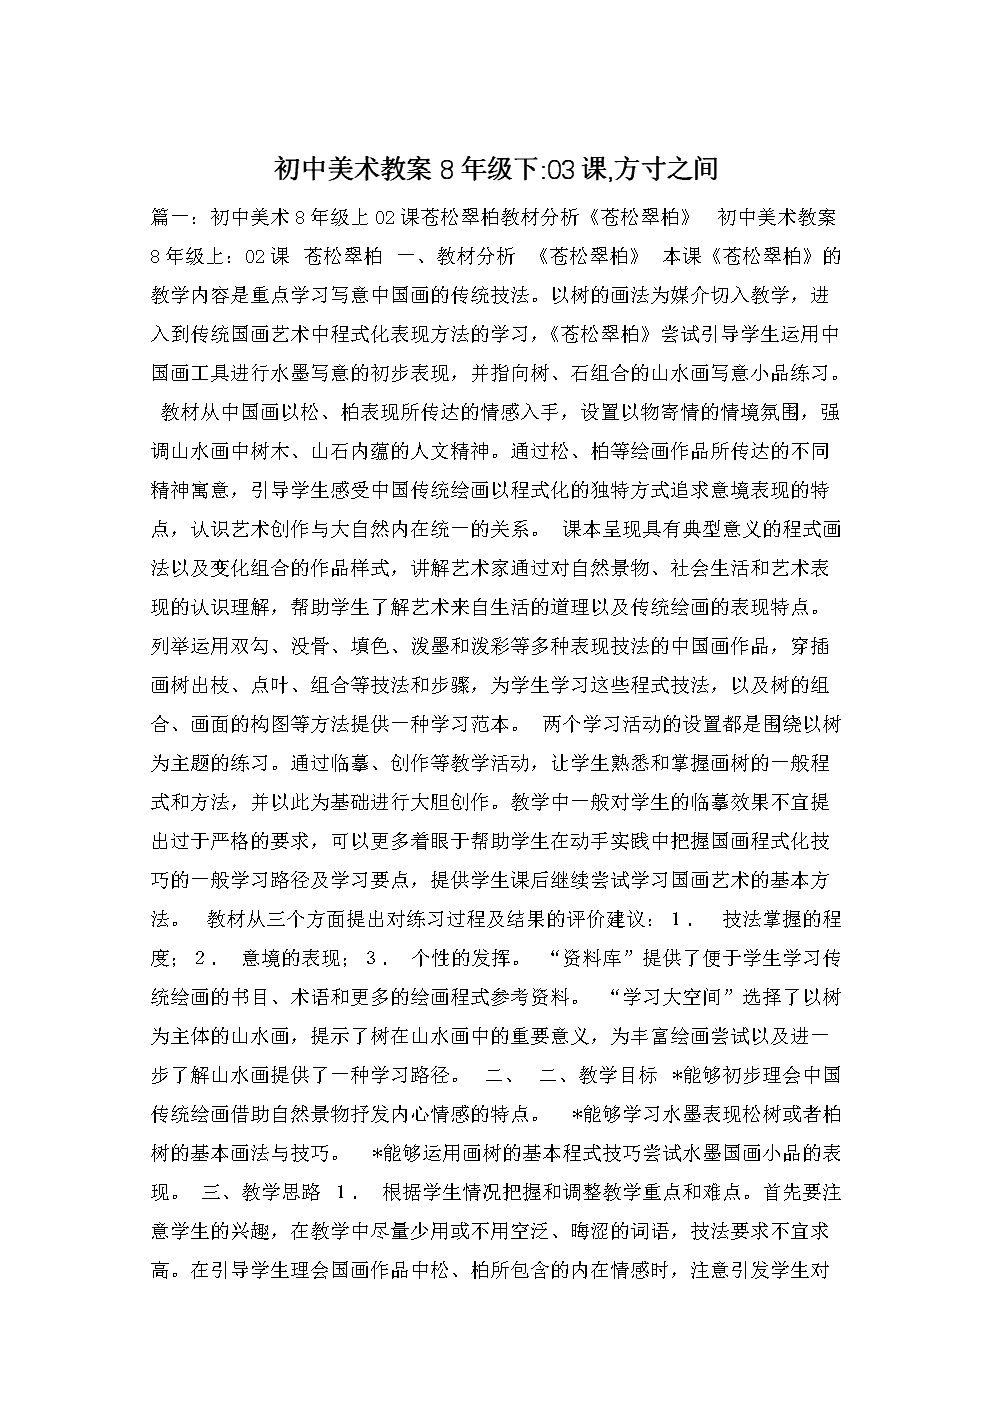 初中美术教案8年级下-03课,方寸之间.doc